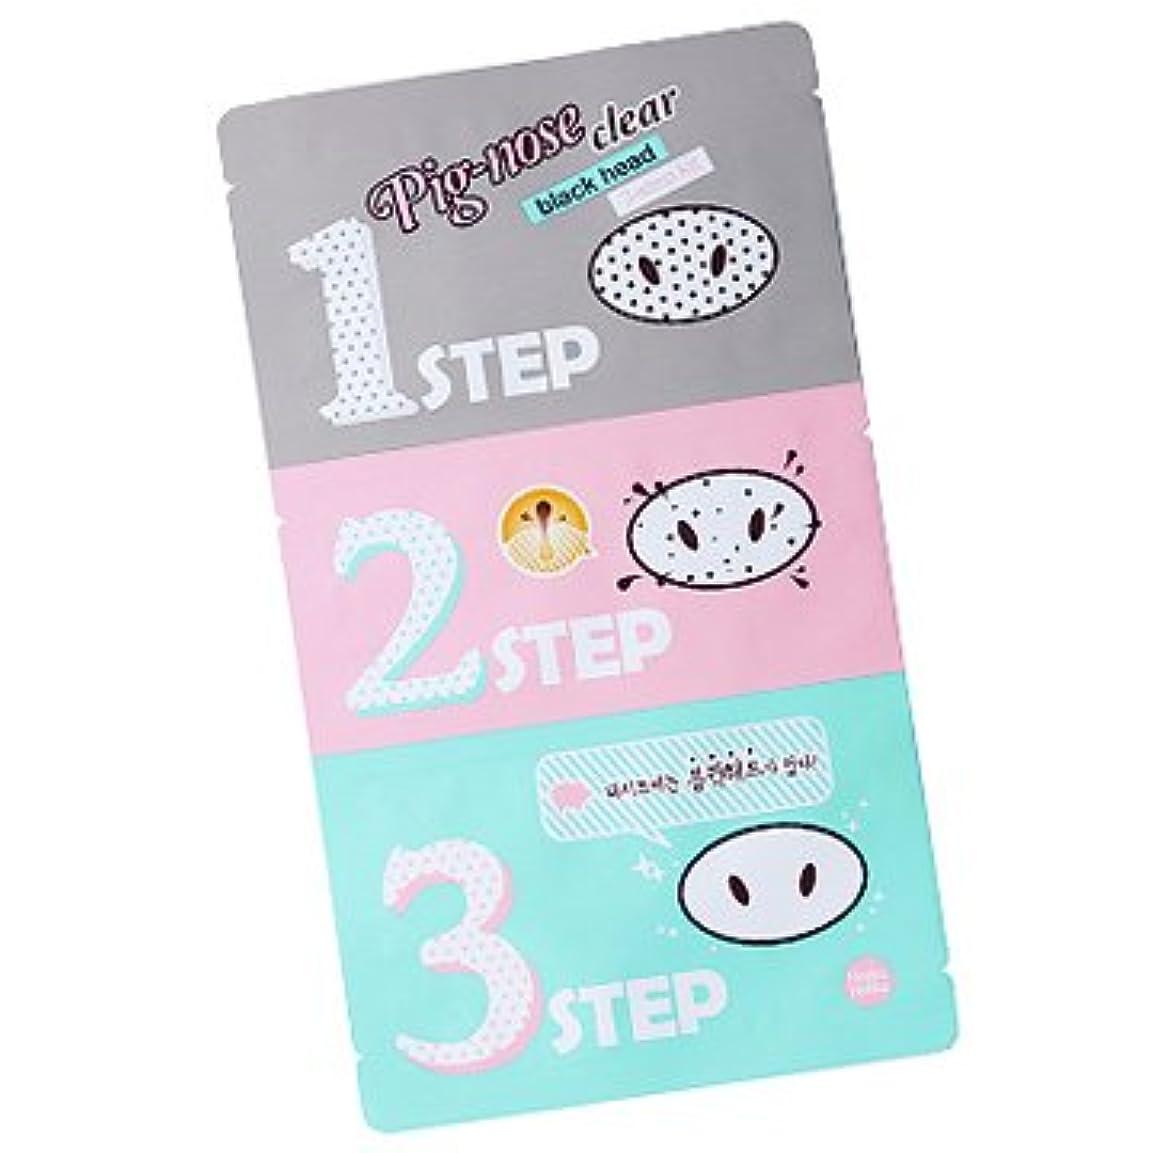 悲惨舗装朝ごはんHolika Holika Pig Nose Clear Black Head 3-Step Kit 10EA (Nose Pack) ホリカホリカ ピグノーズクリアブラックヘッド3-Stepキット(鼻パック) 10pcs [並行輸入品]